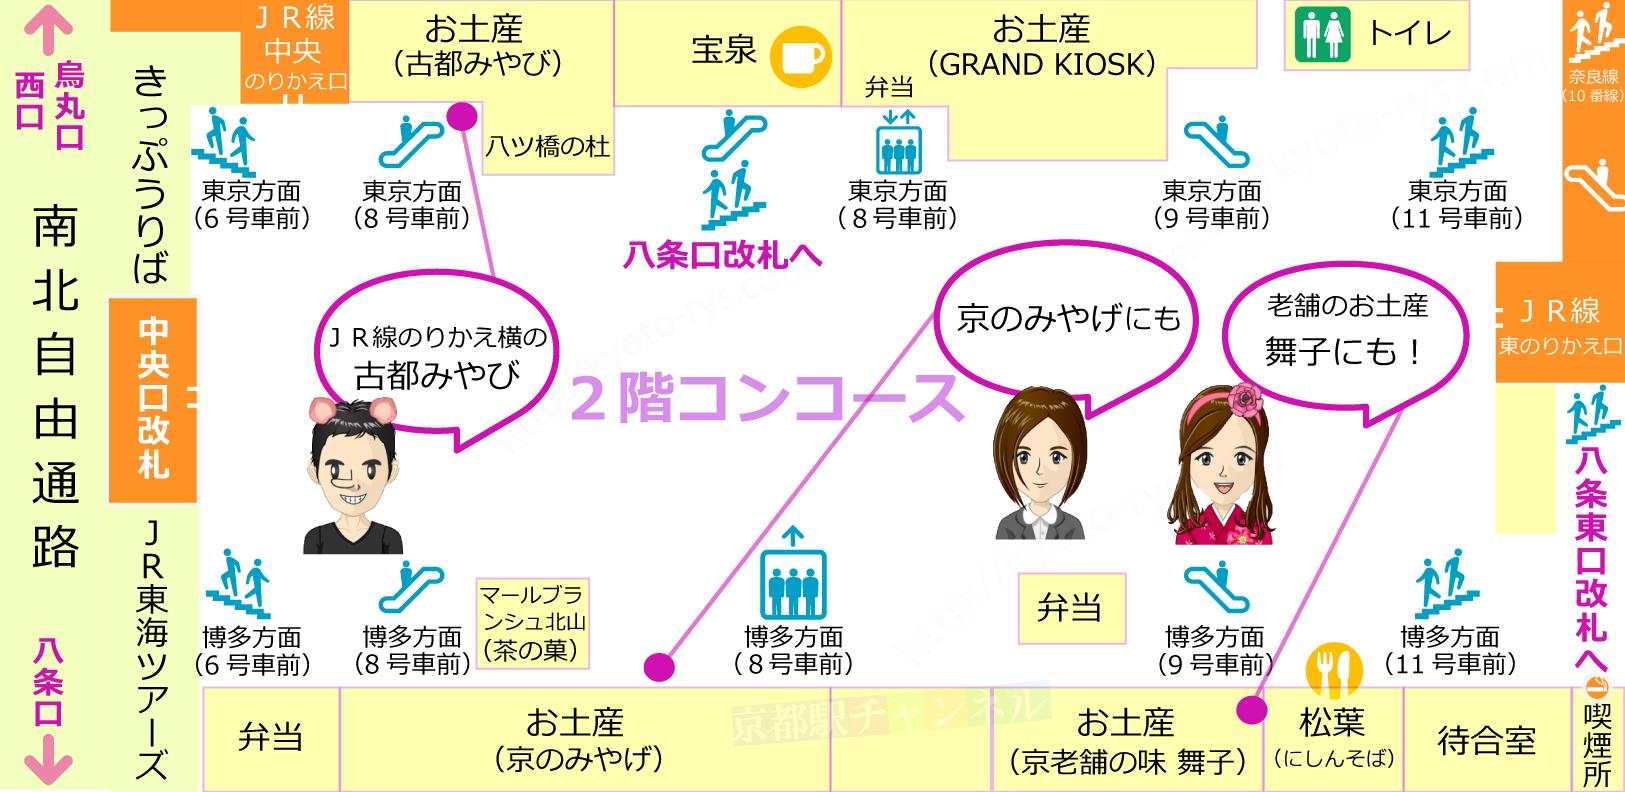 京都駅の新幹線改札内の阿闍梨餅販売マップ